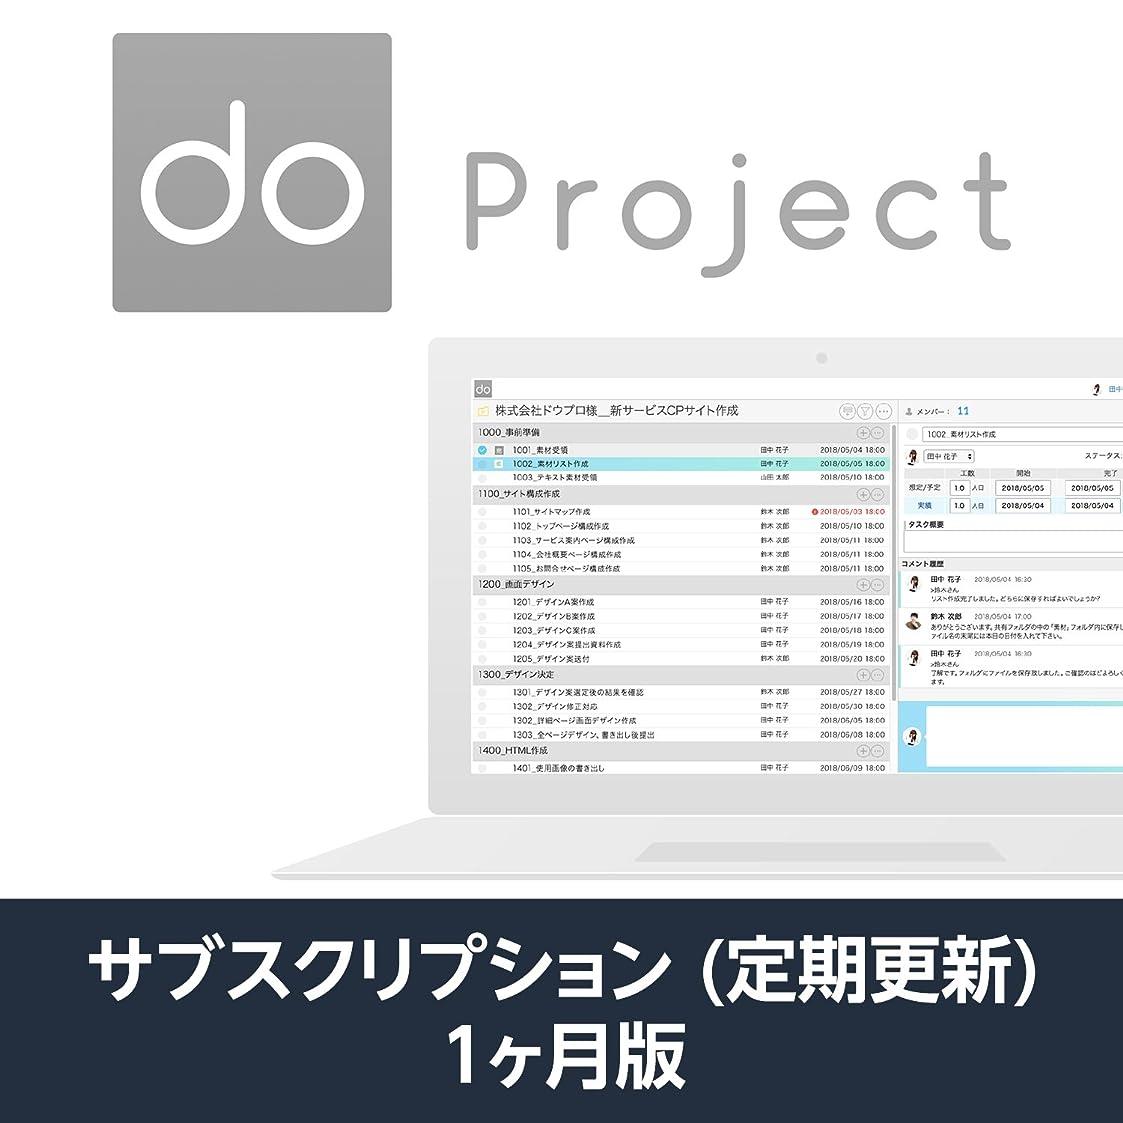 勝利なめらか支援するdo.pj (do project プロジェクト管理ツール)| 1か月プラン | サブスクリプション(定期更新)